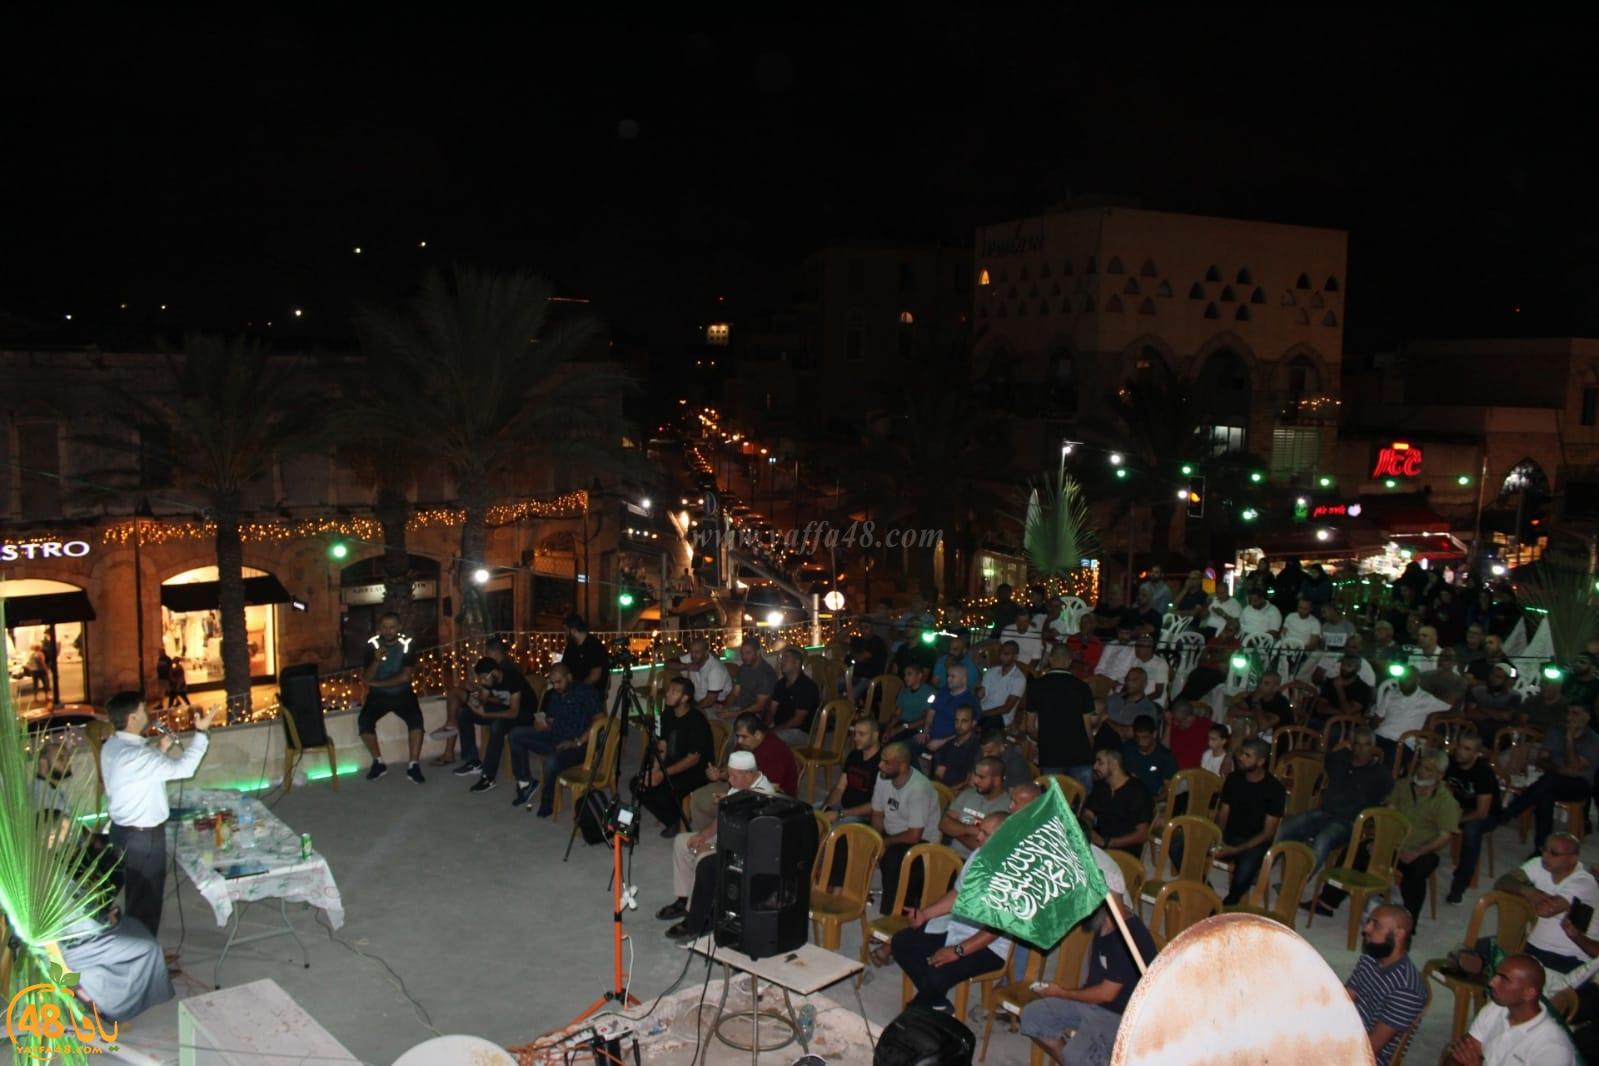 بالصور: مركز الدعوة بيافا يستضيف الشيخ د. رائد فتحي في سهرة ايمانية